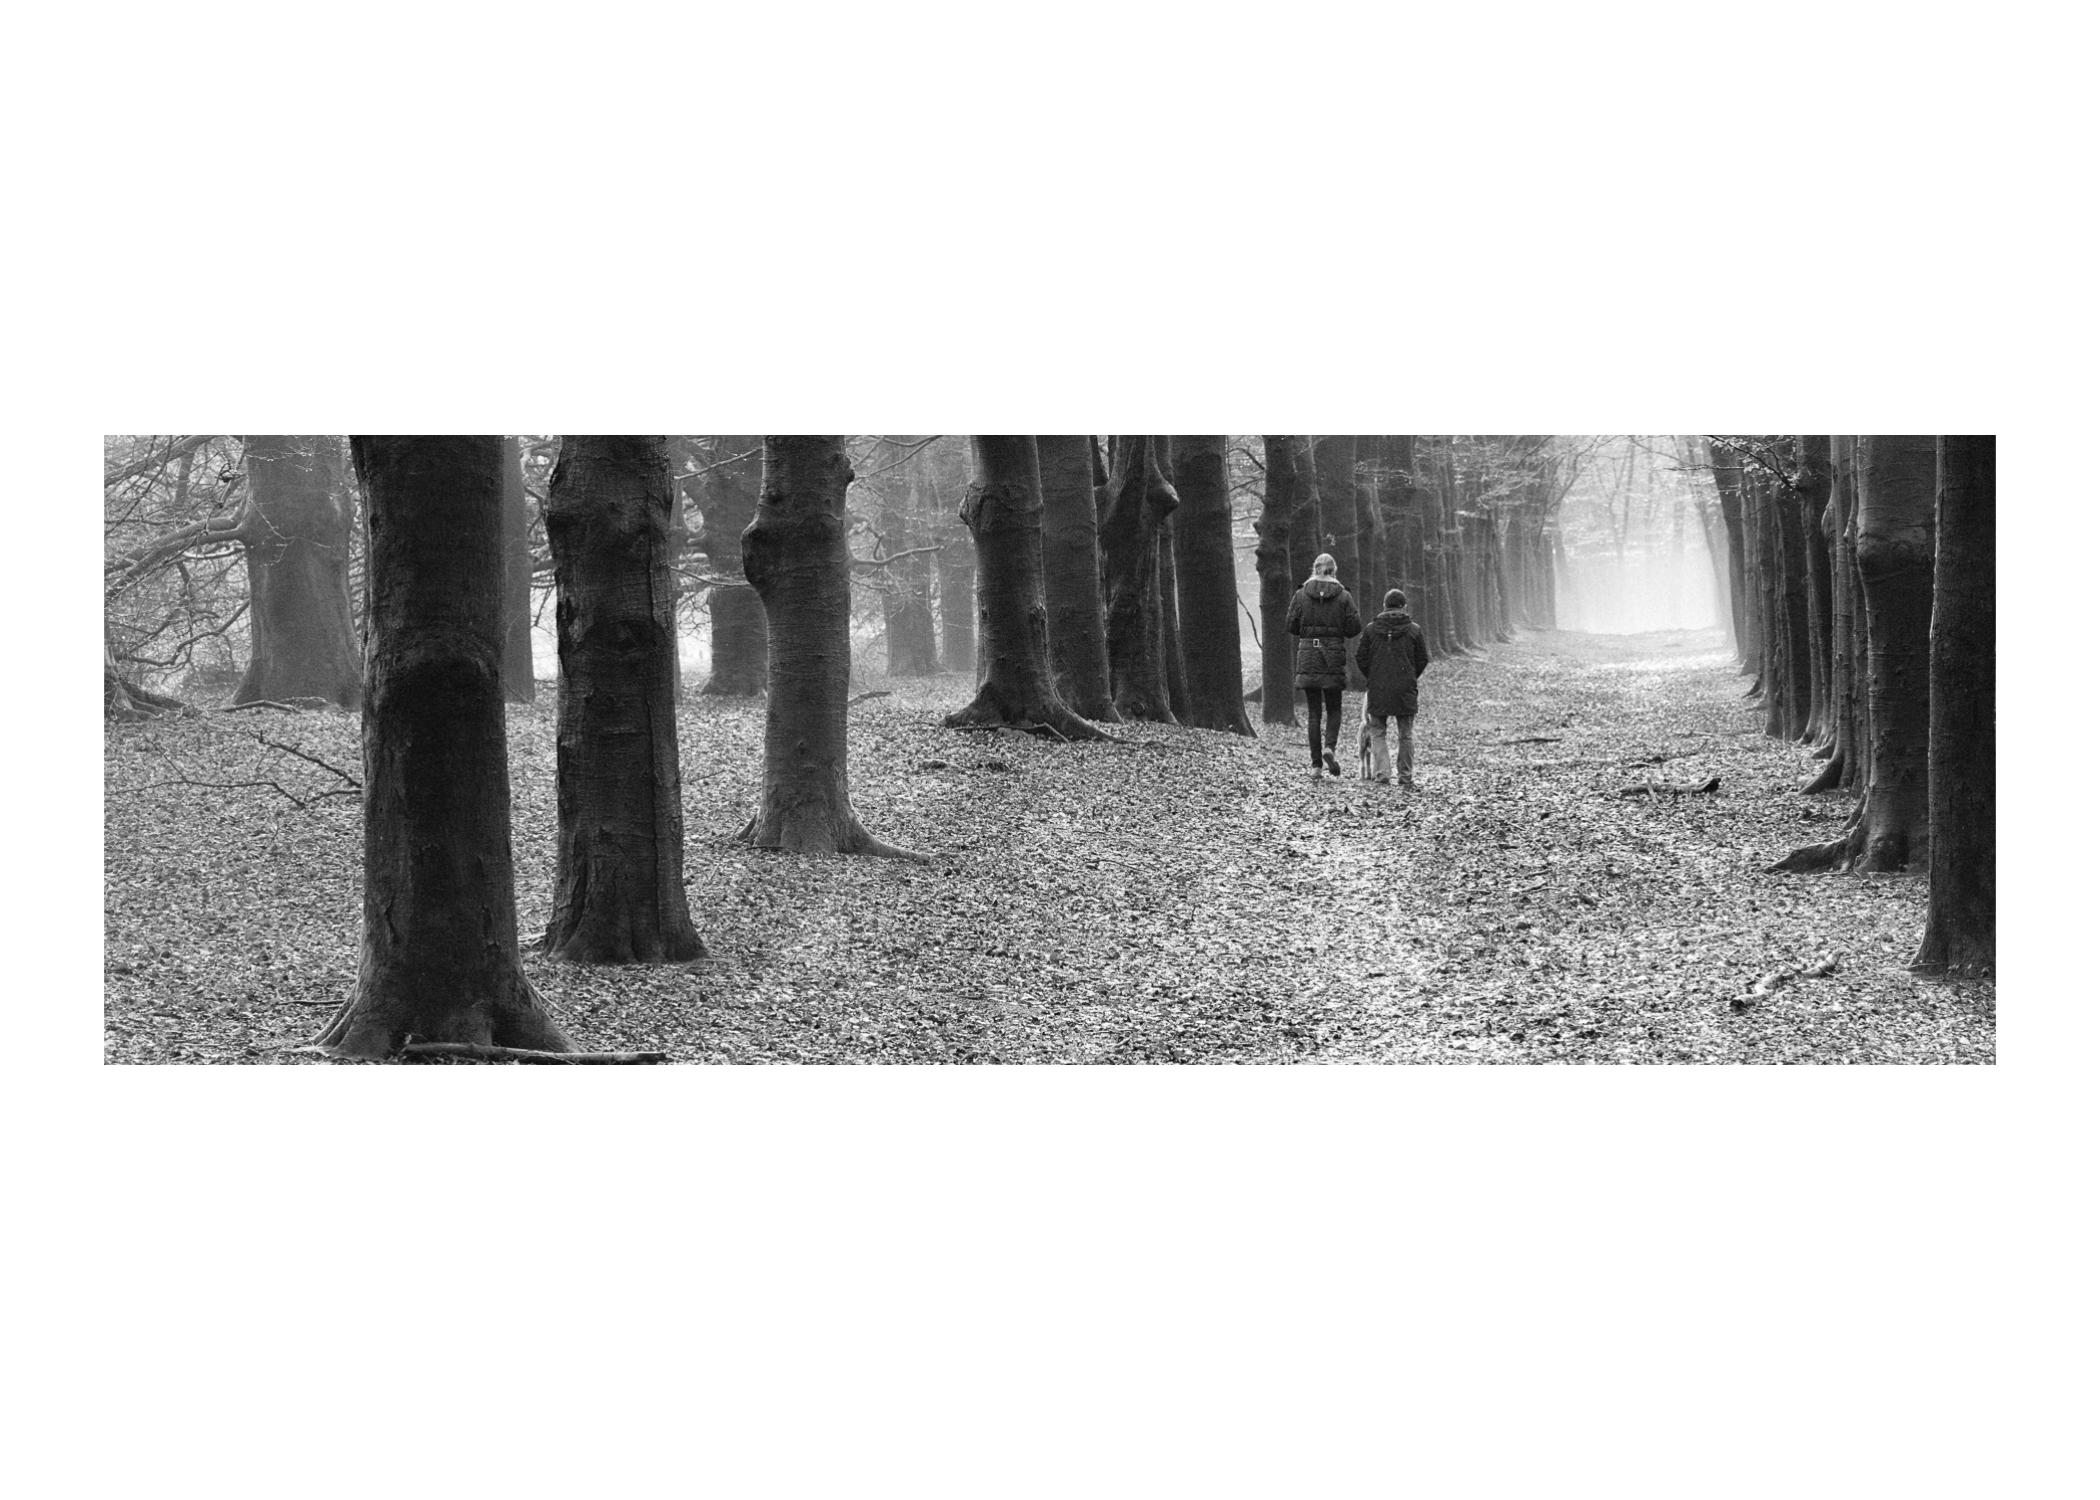 2015 Bos Piramide van Austerlitz met wandelaars